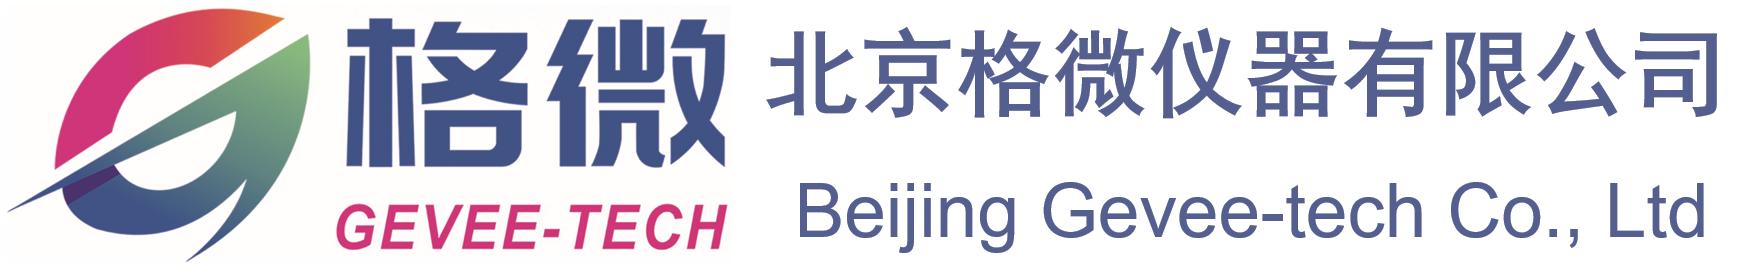 北京格微仪器有限公司